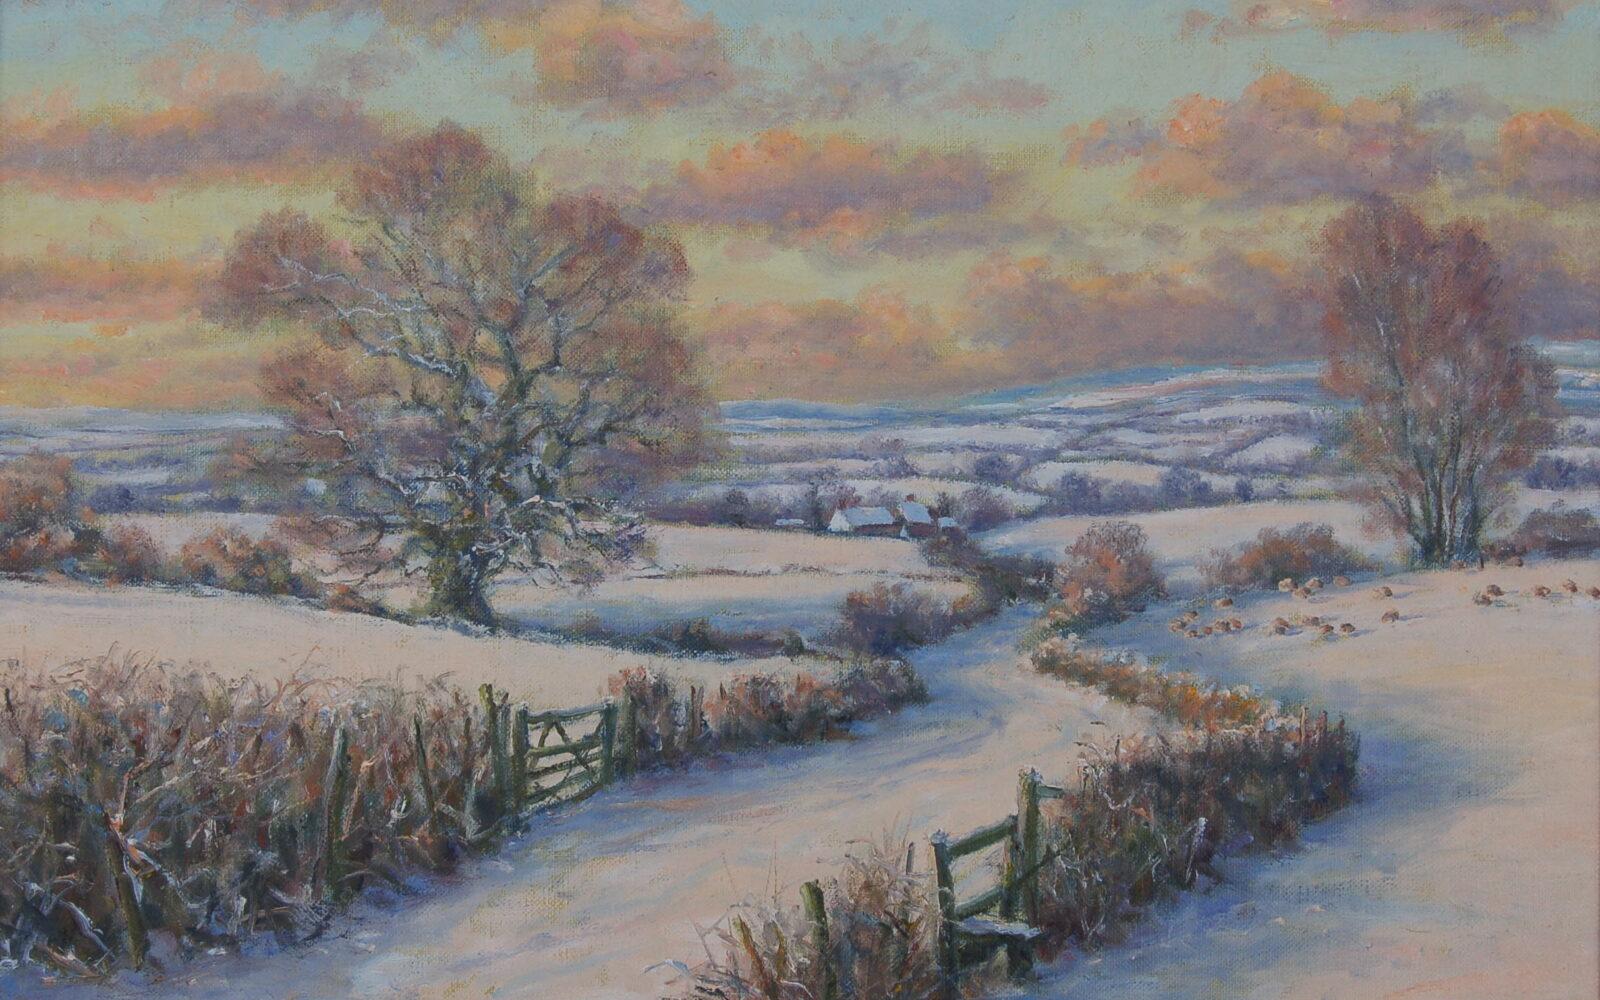 Mervyn Goode painting